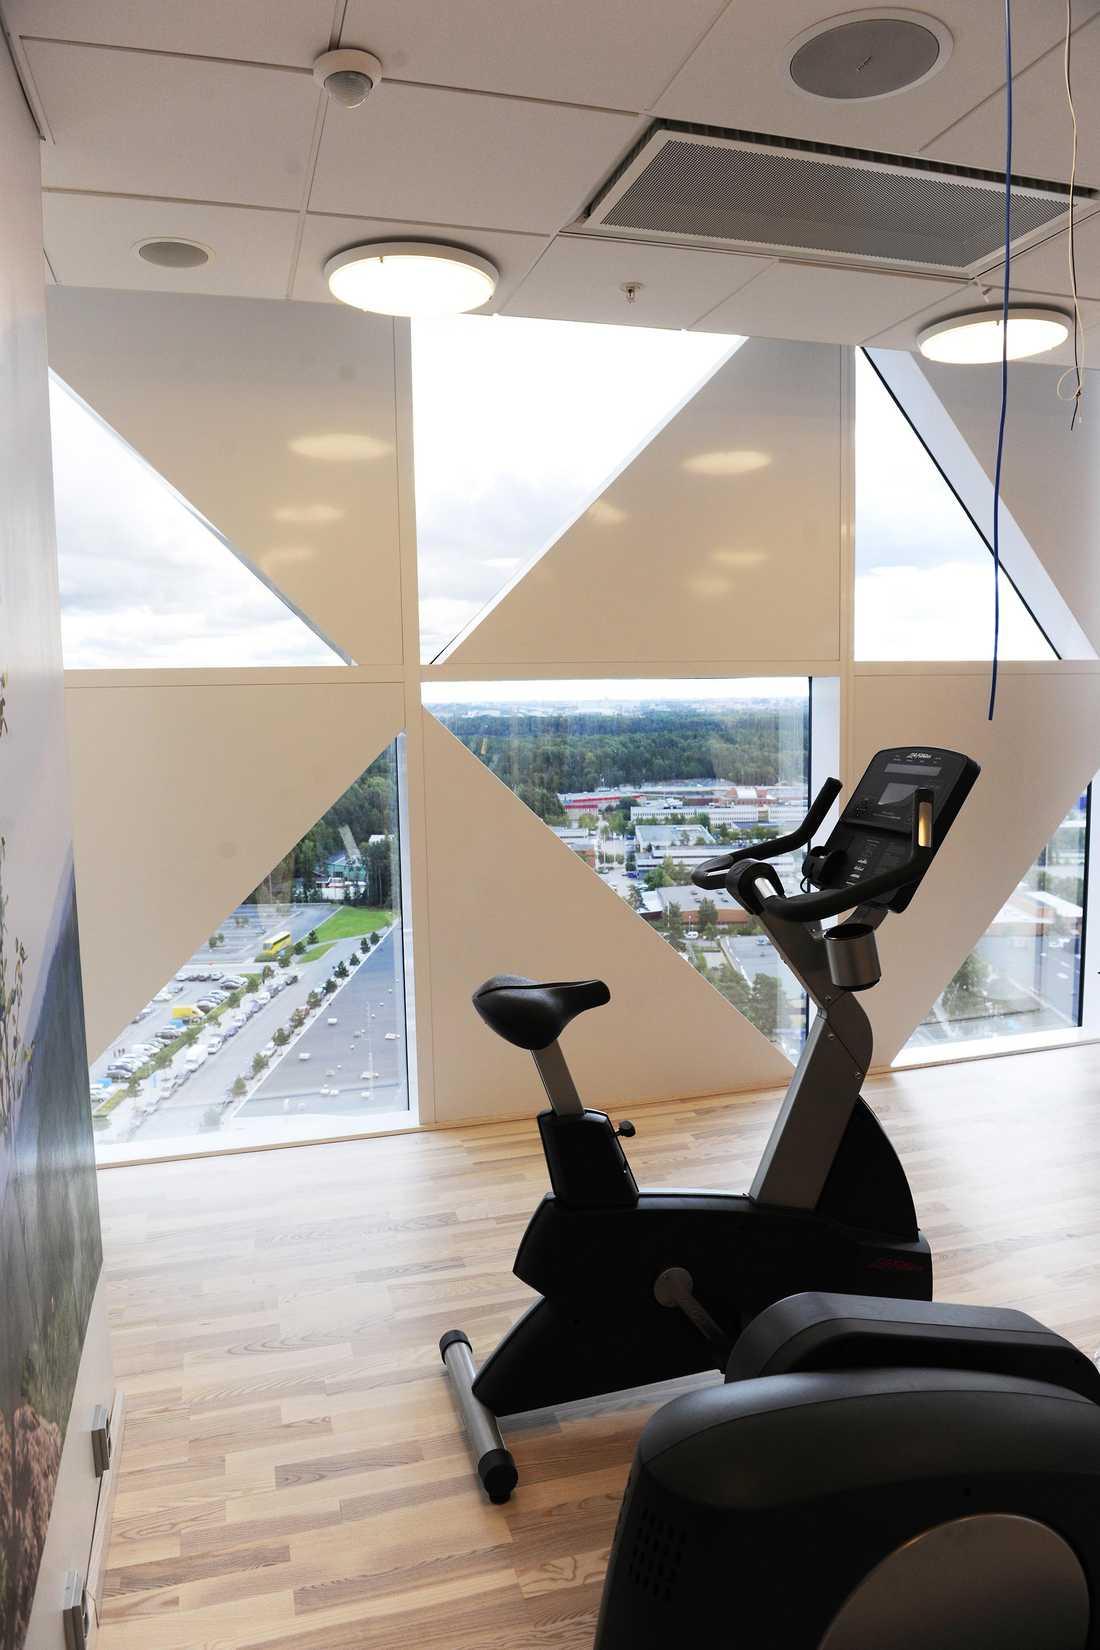 På 22:a våningen finns ett litet gym och bastuavdelning.